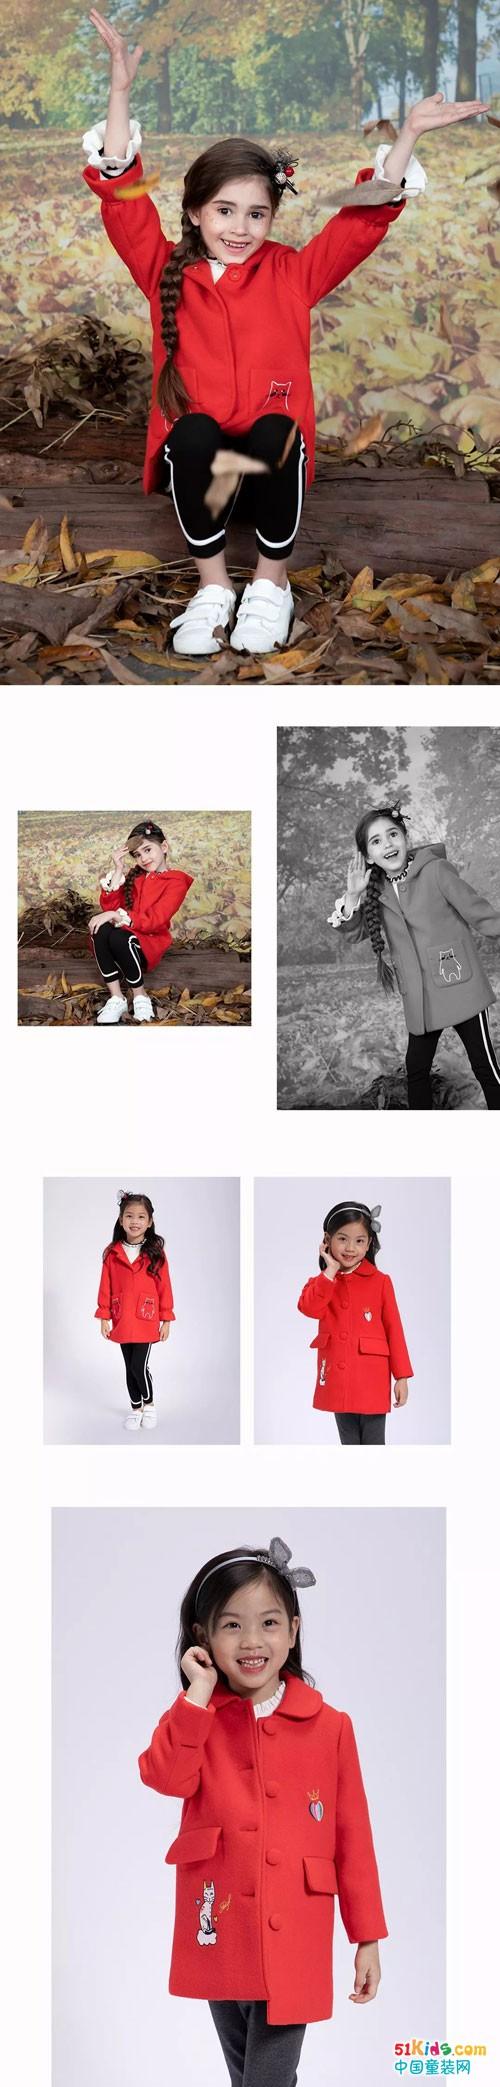 捷米梵童装释放你的简约Style,让你时尚整个秋天